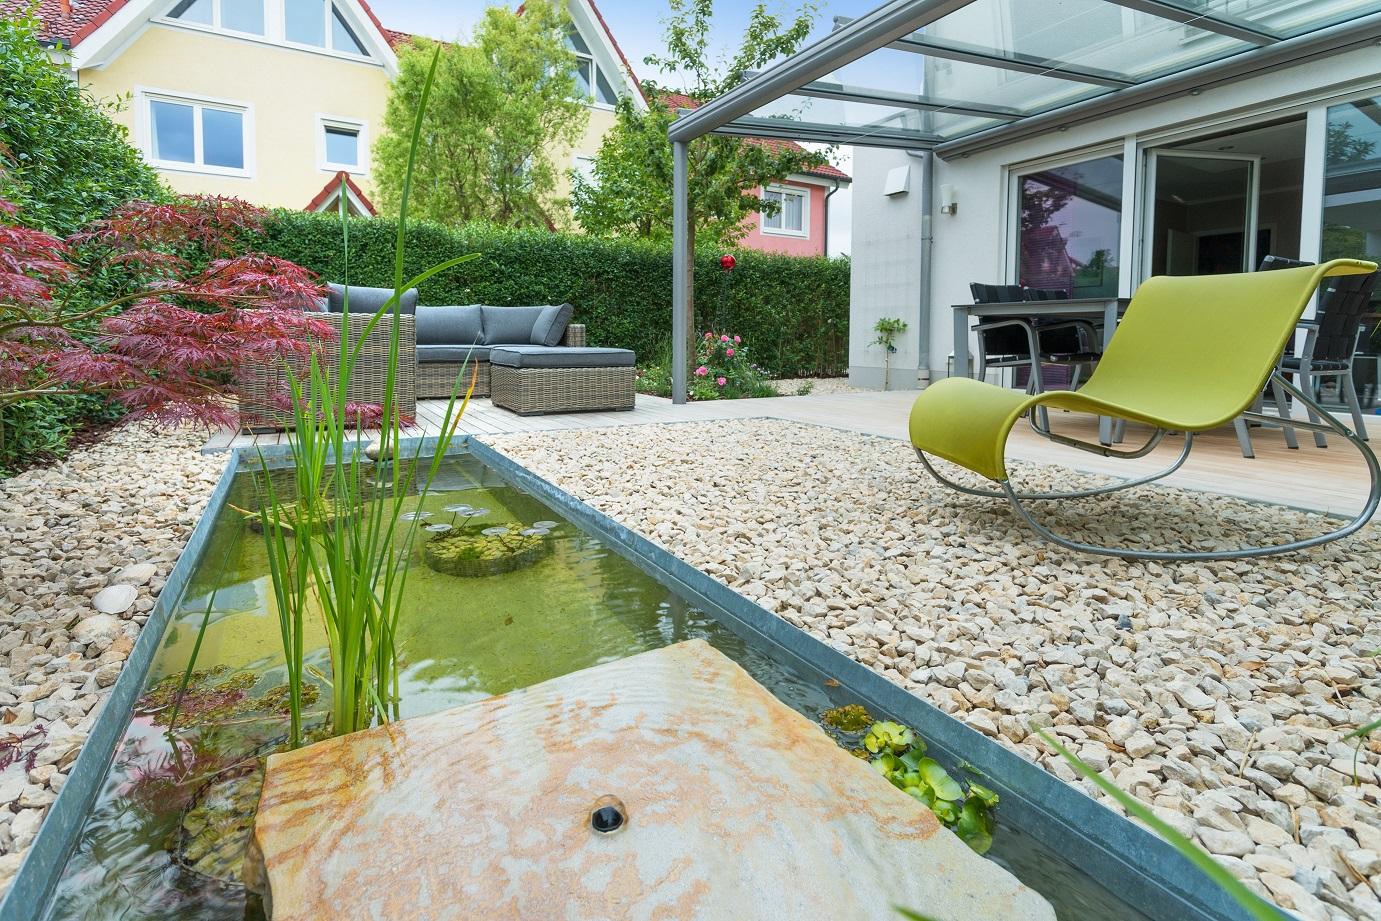 Gartengestaltung 12 tipps rund um die gestaltung ihres for Gartengestaltung dekorationen